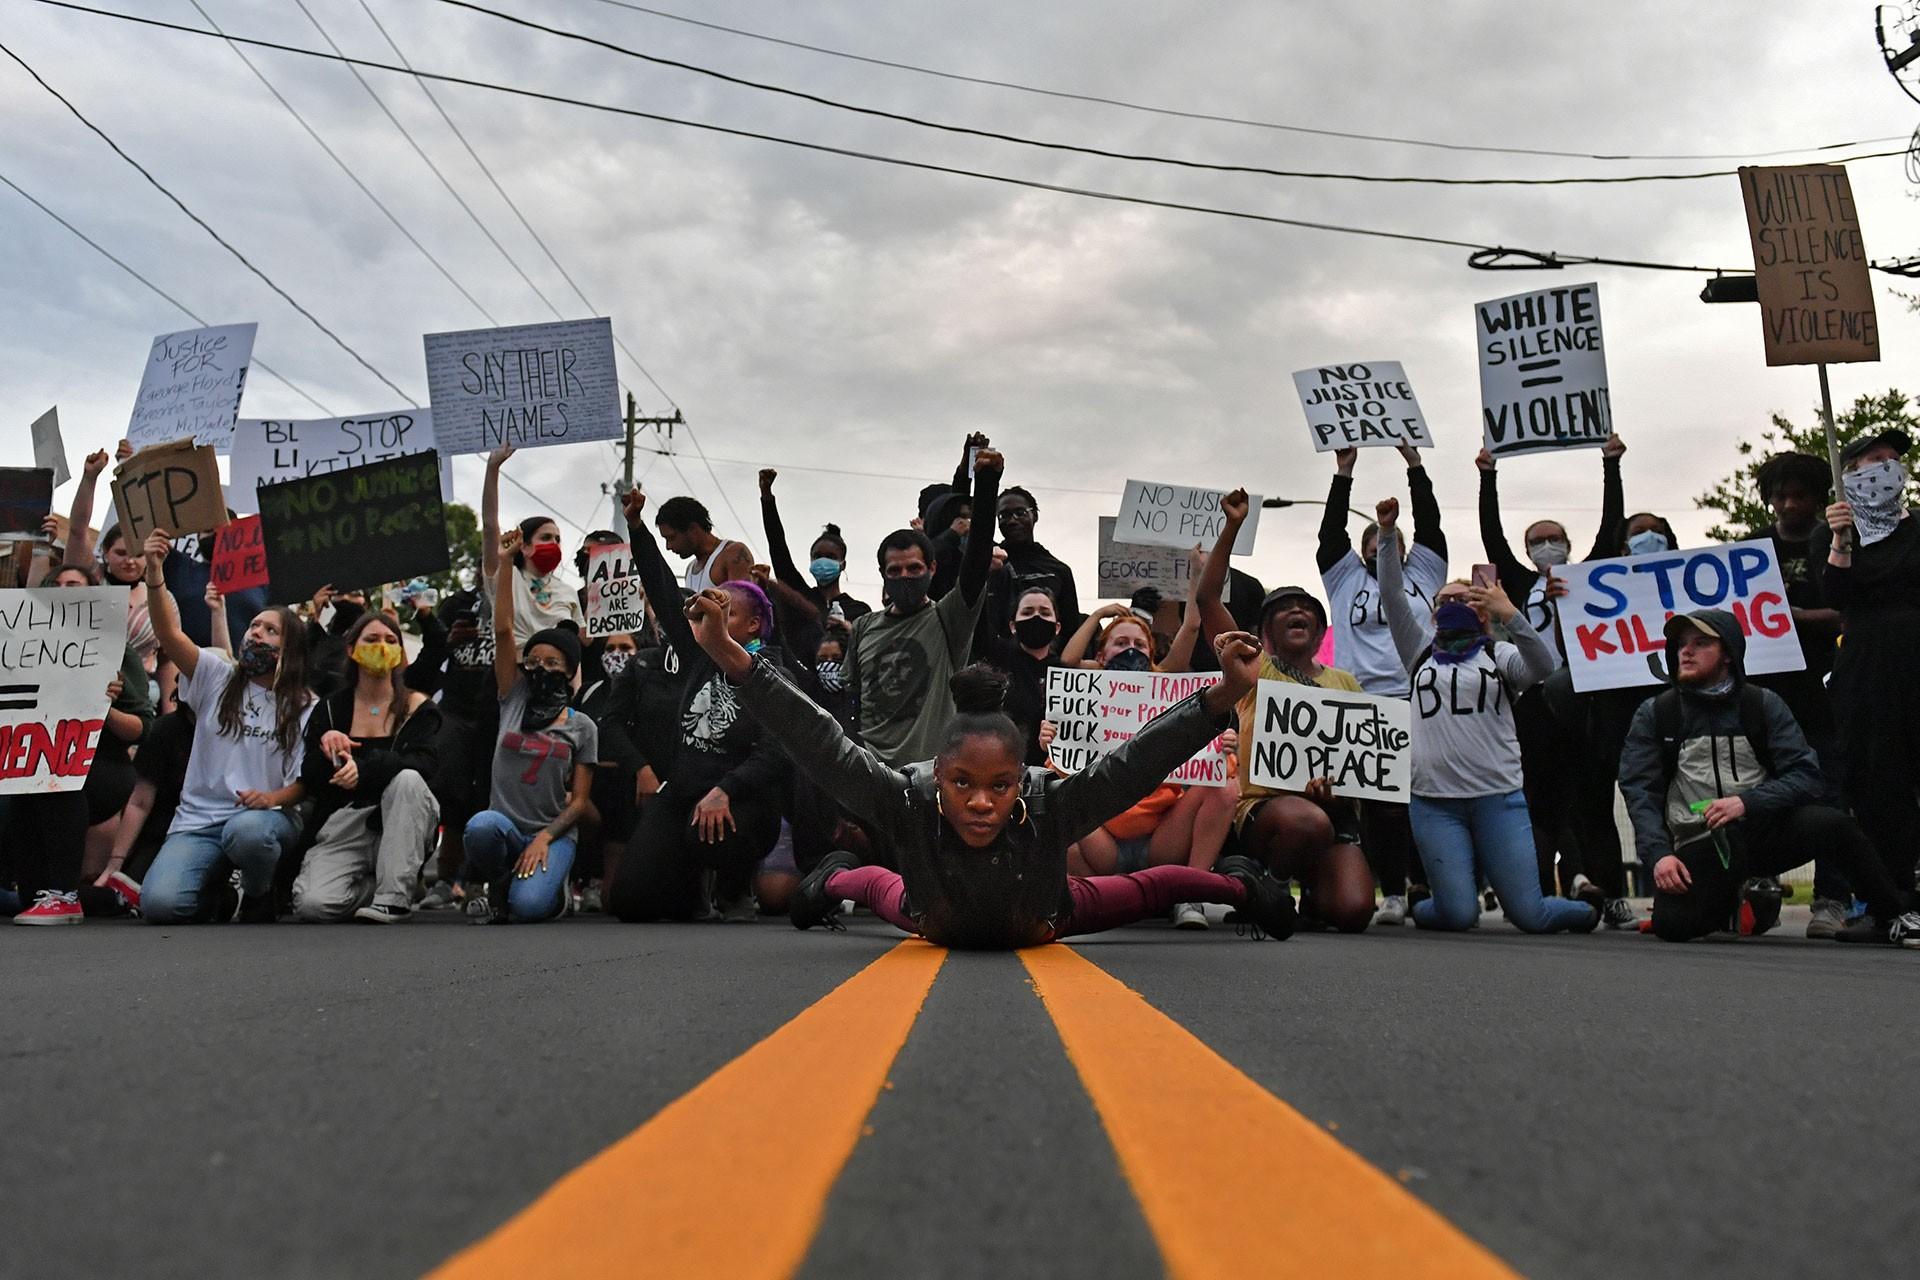 Çok sayıda kişi yere çökmüş ırkçılığa ve polis şiddetine karşı dövizler gösteriyor.